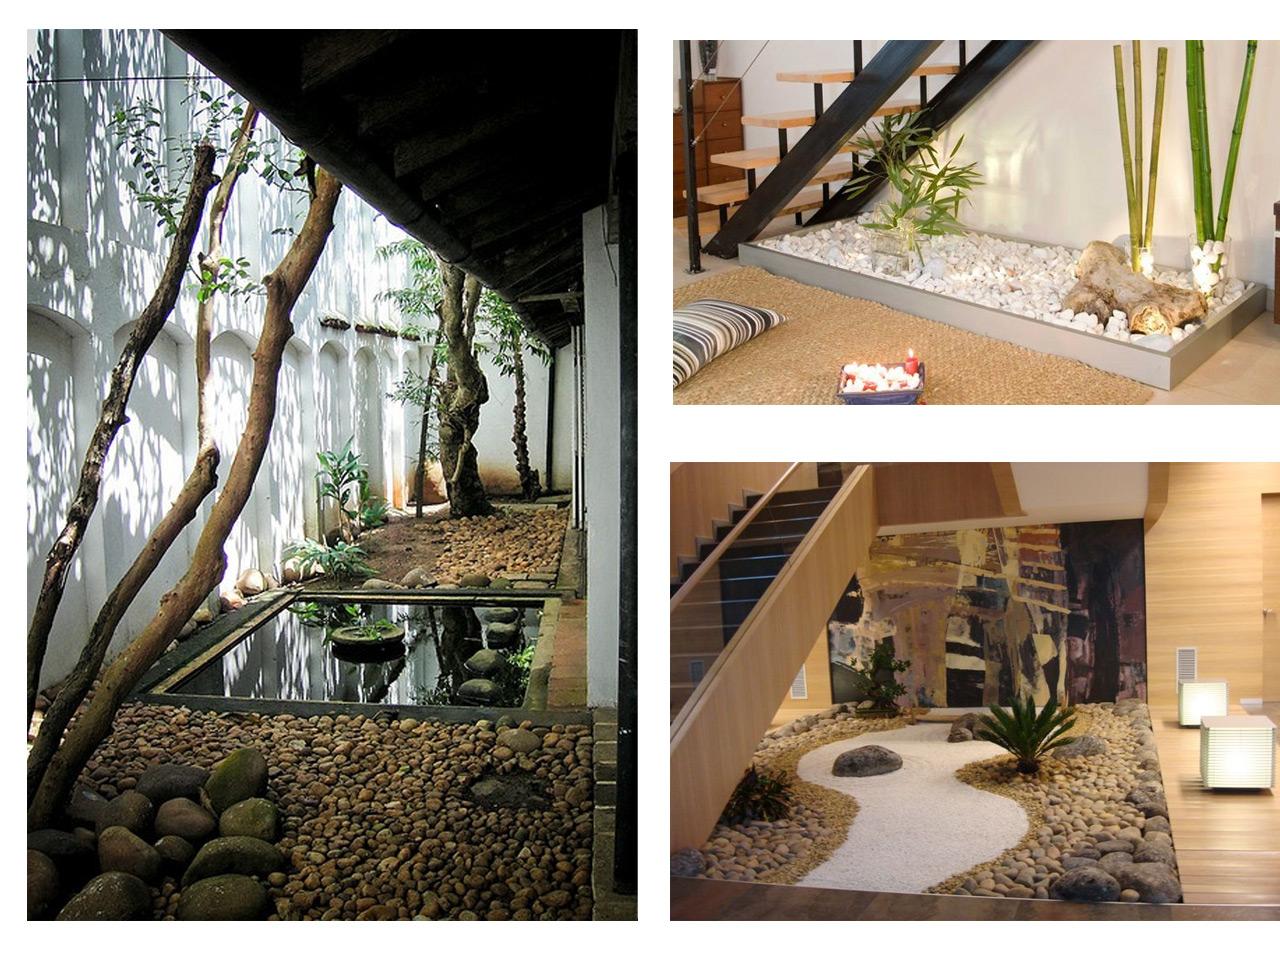 Feng Shui Baño Bajo La Escalera:Tus 7 inspiraciones de decoración de terrazas interiores